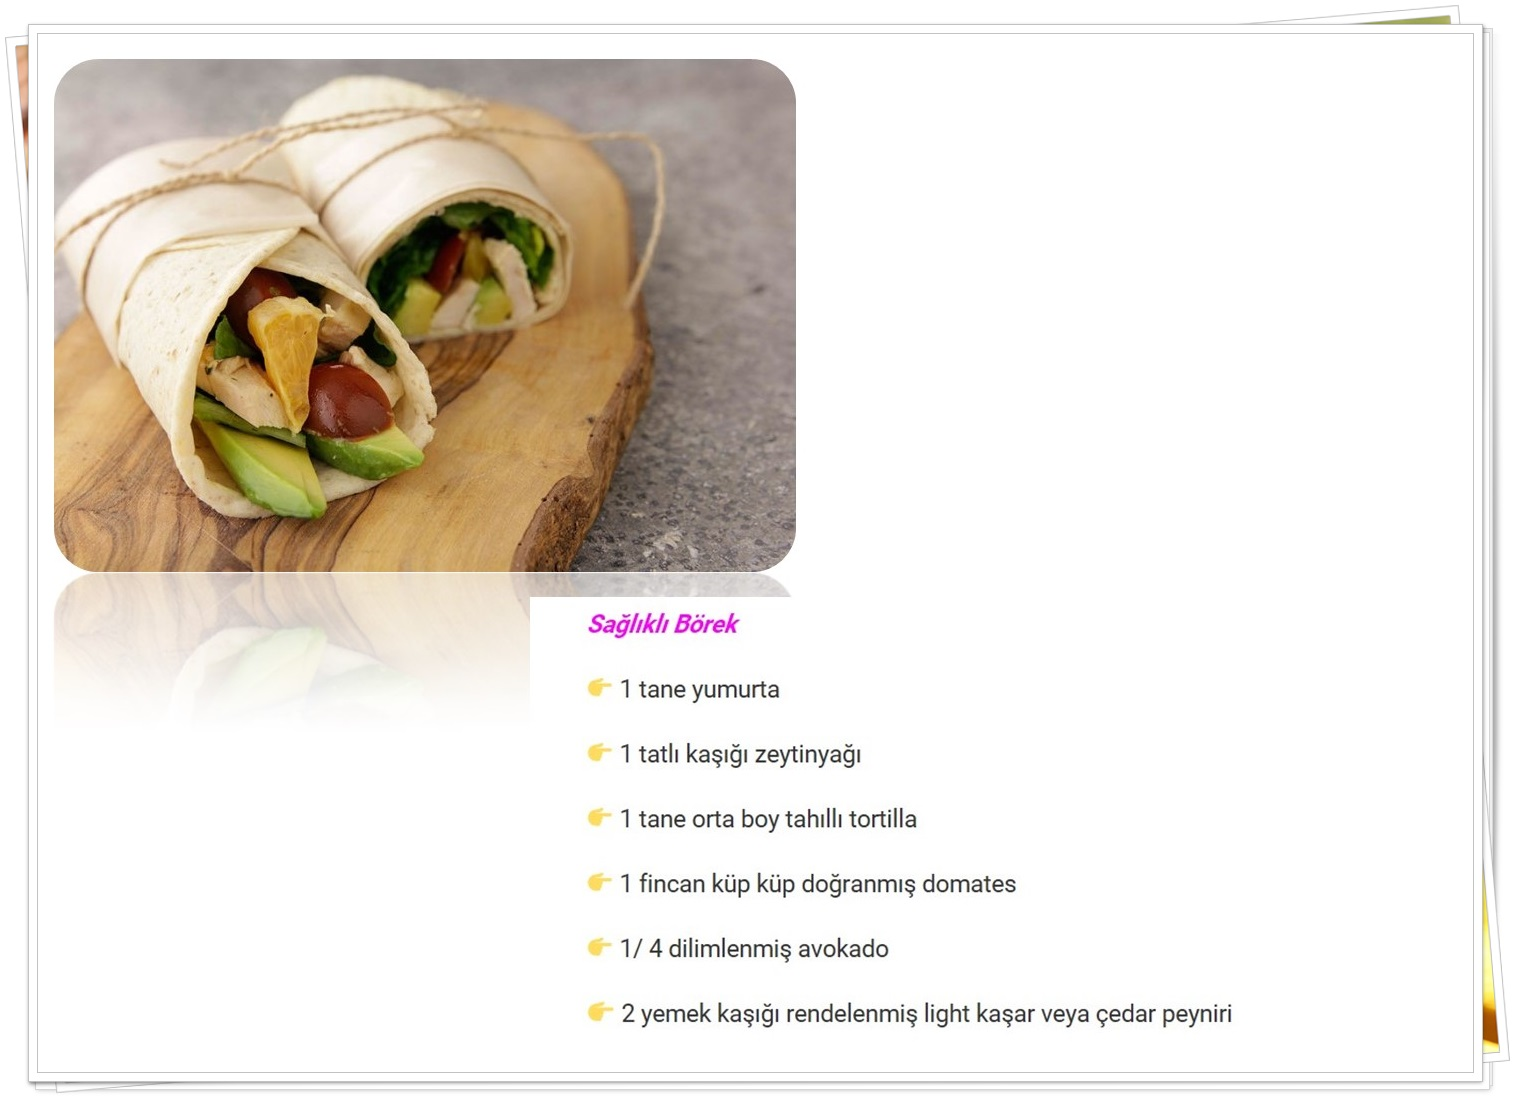 sağlıklı diyet börek tarifleri